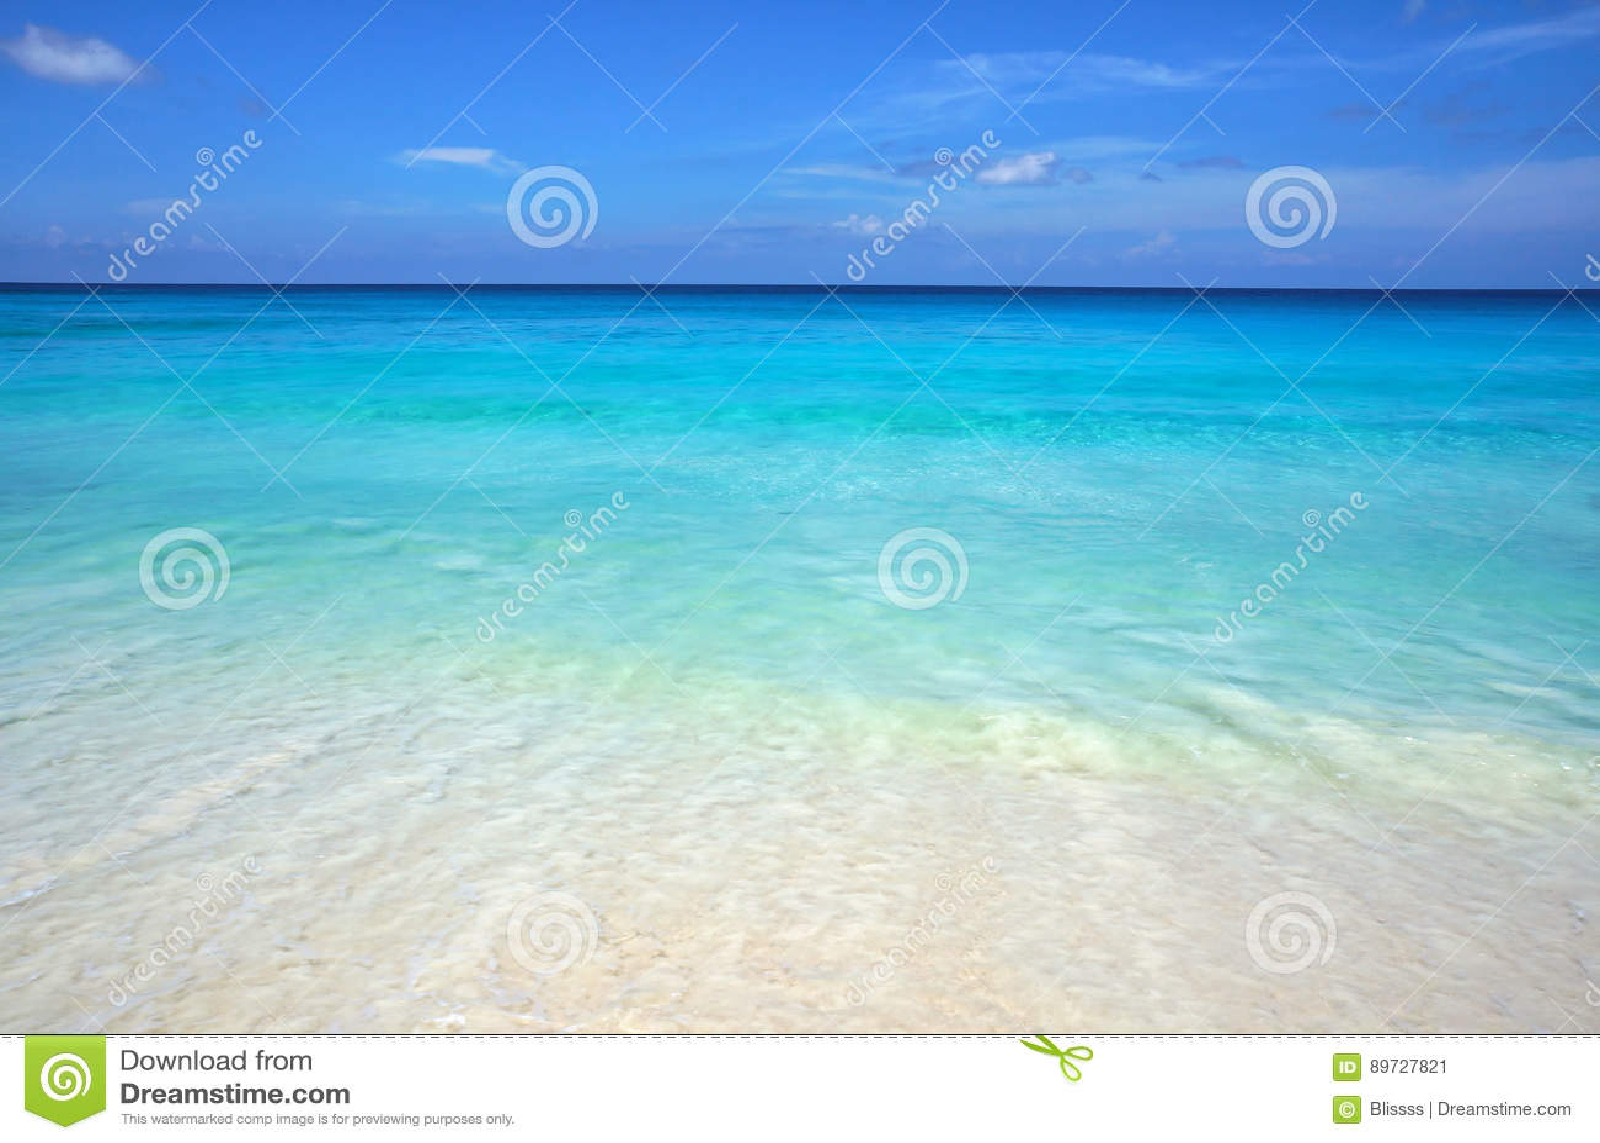 Paisaje marino escénico del agua transparente azul del océano y del cielo azul Playa tropical con la arena blanca Paisaje idílico